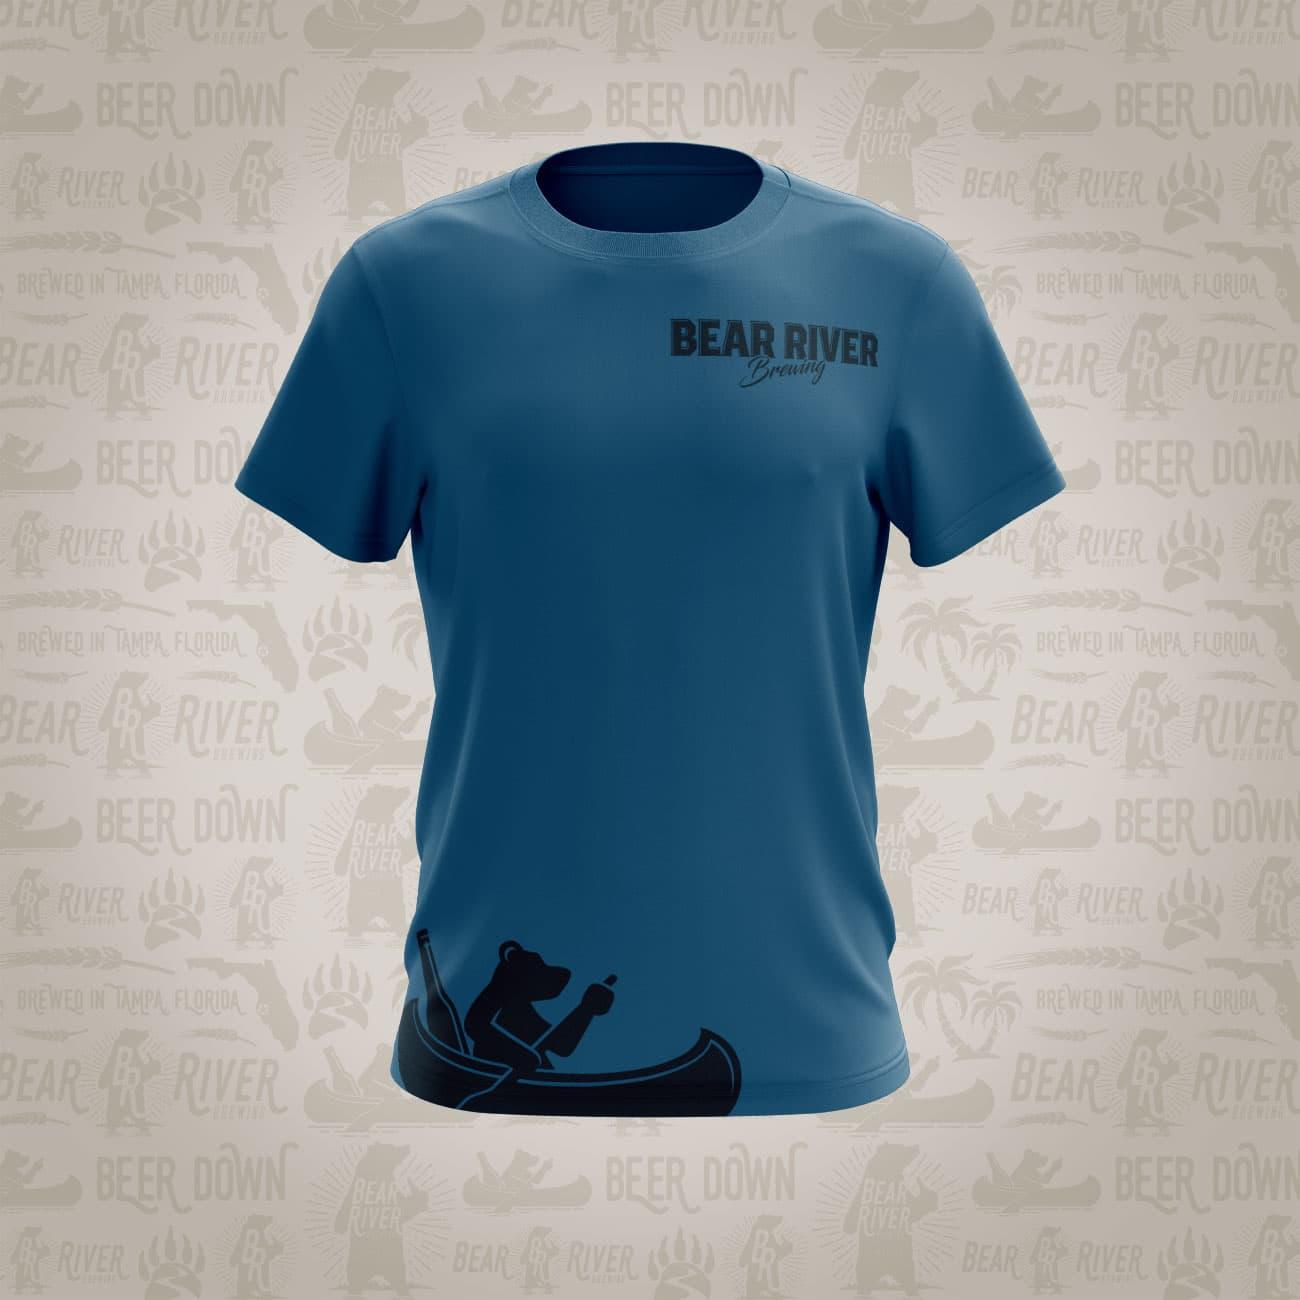 BRB T-shirt Design